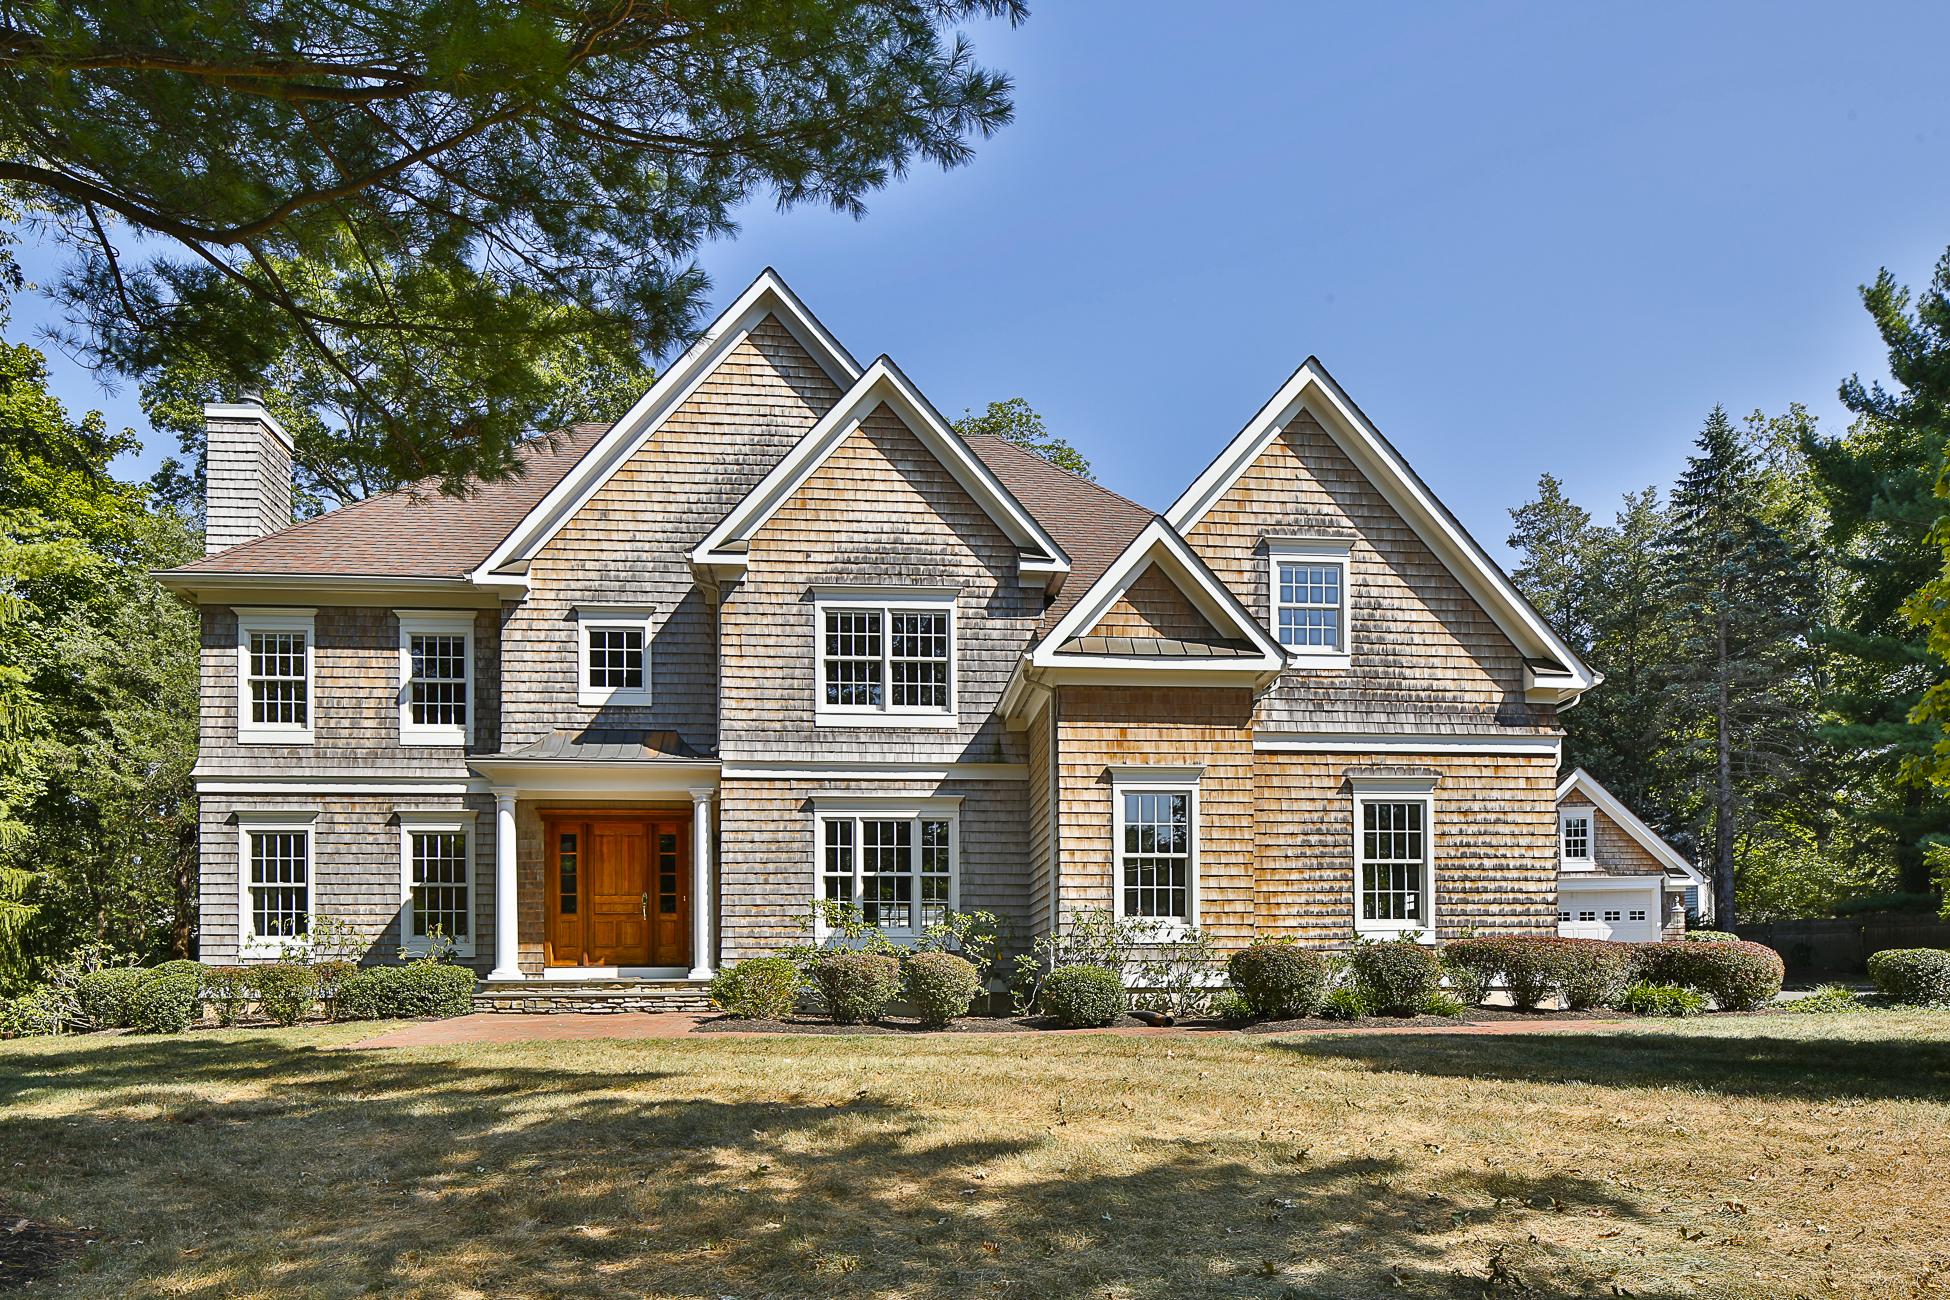 Casa Unifamiliar por un Venta en Exquisite Colonial Delights with Charming Garden 7 Random Road Princeton, Nueva Jersey 08540 Estados Unidos